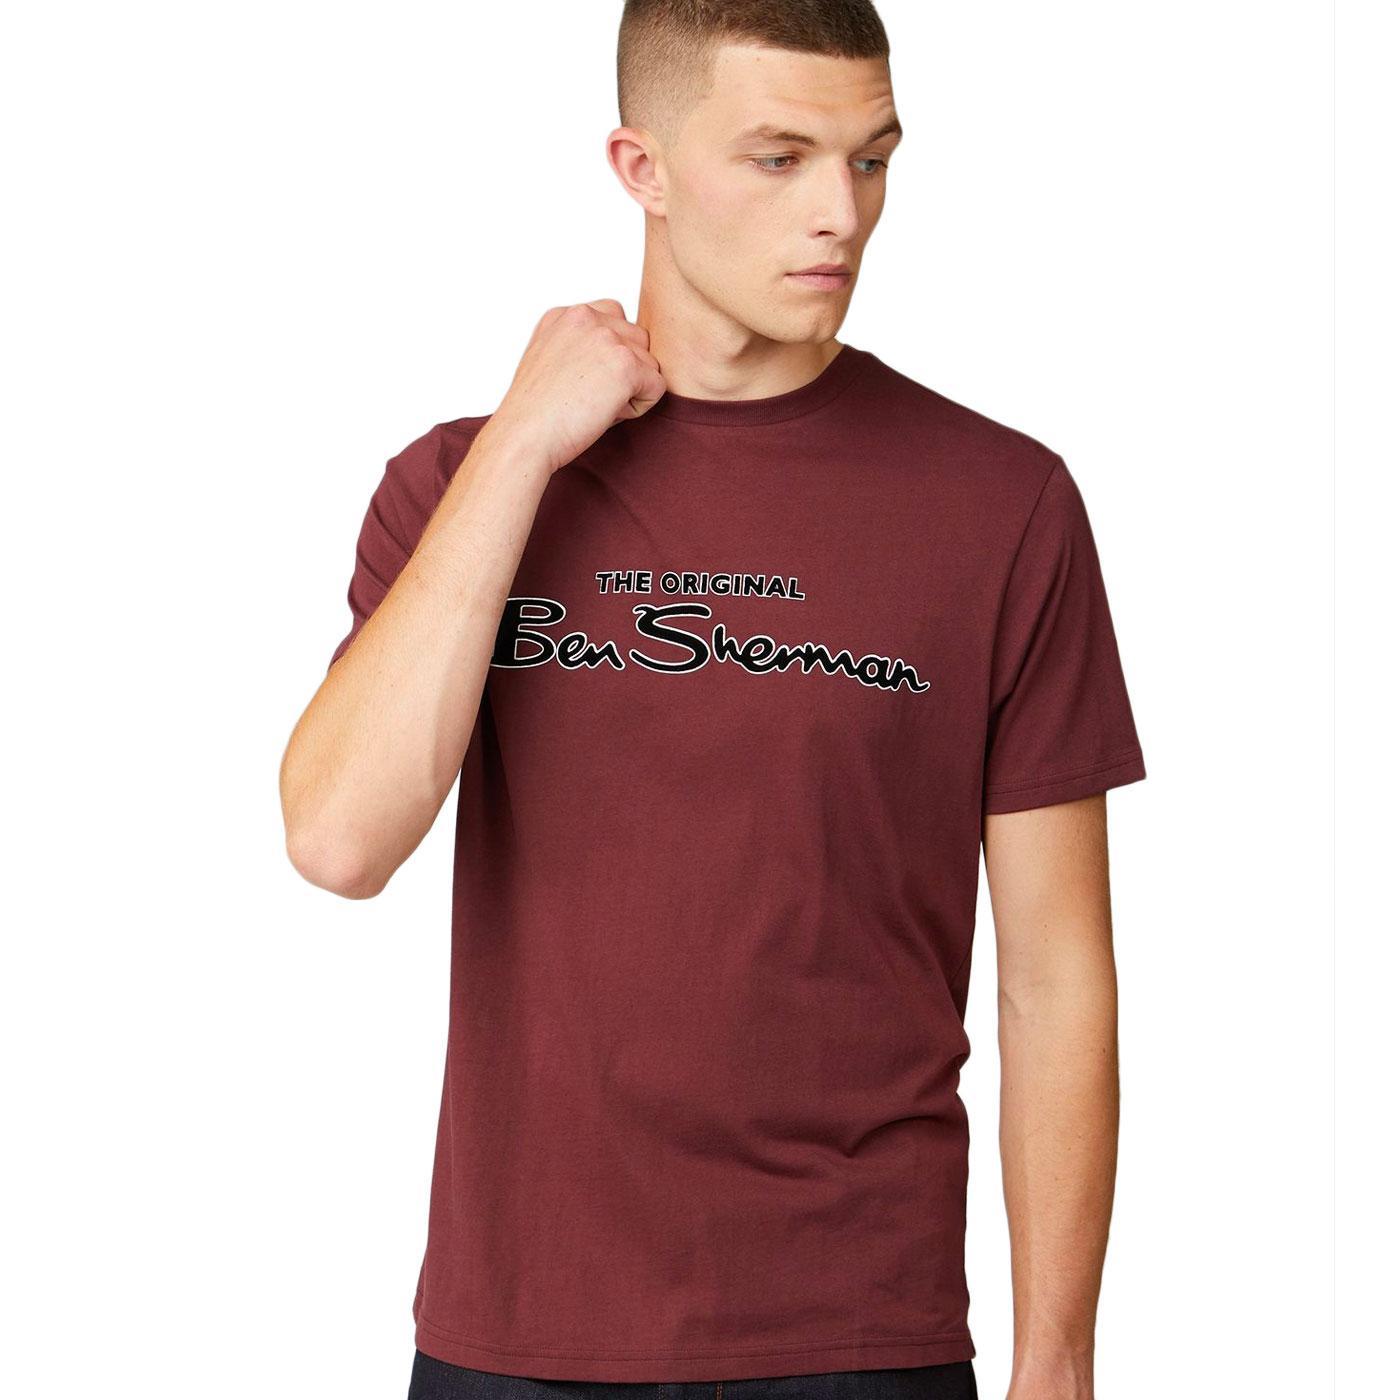 BEN SHERMAN Retro Signature Script T-shirt (Port)